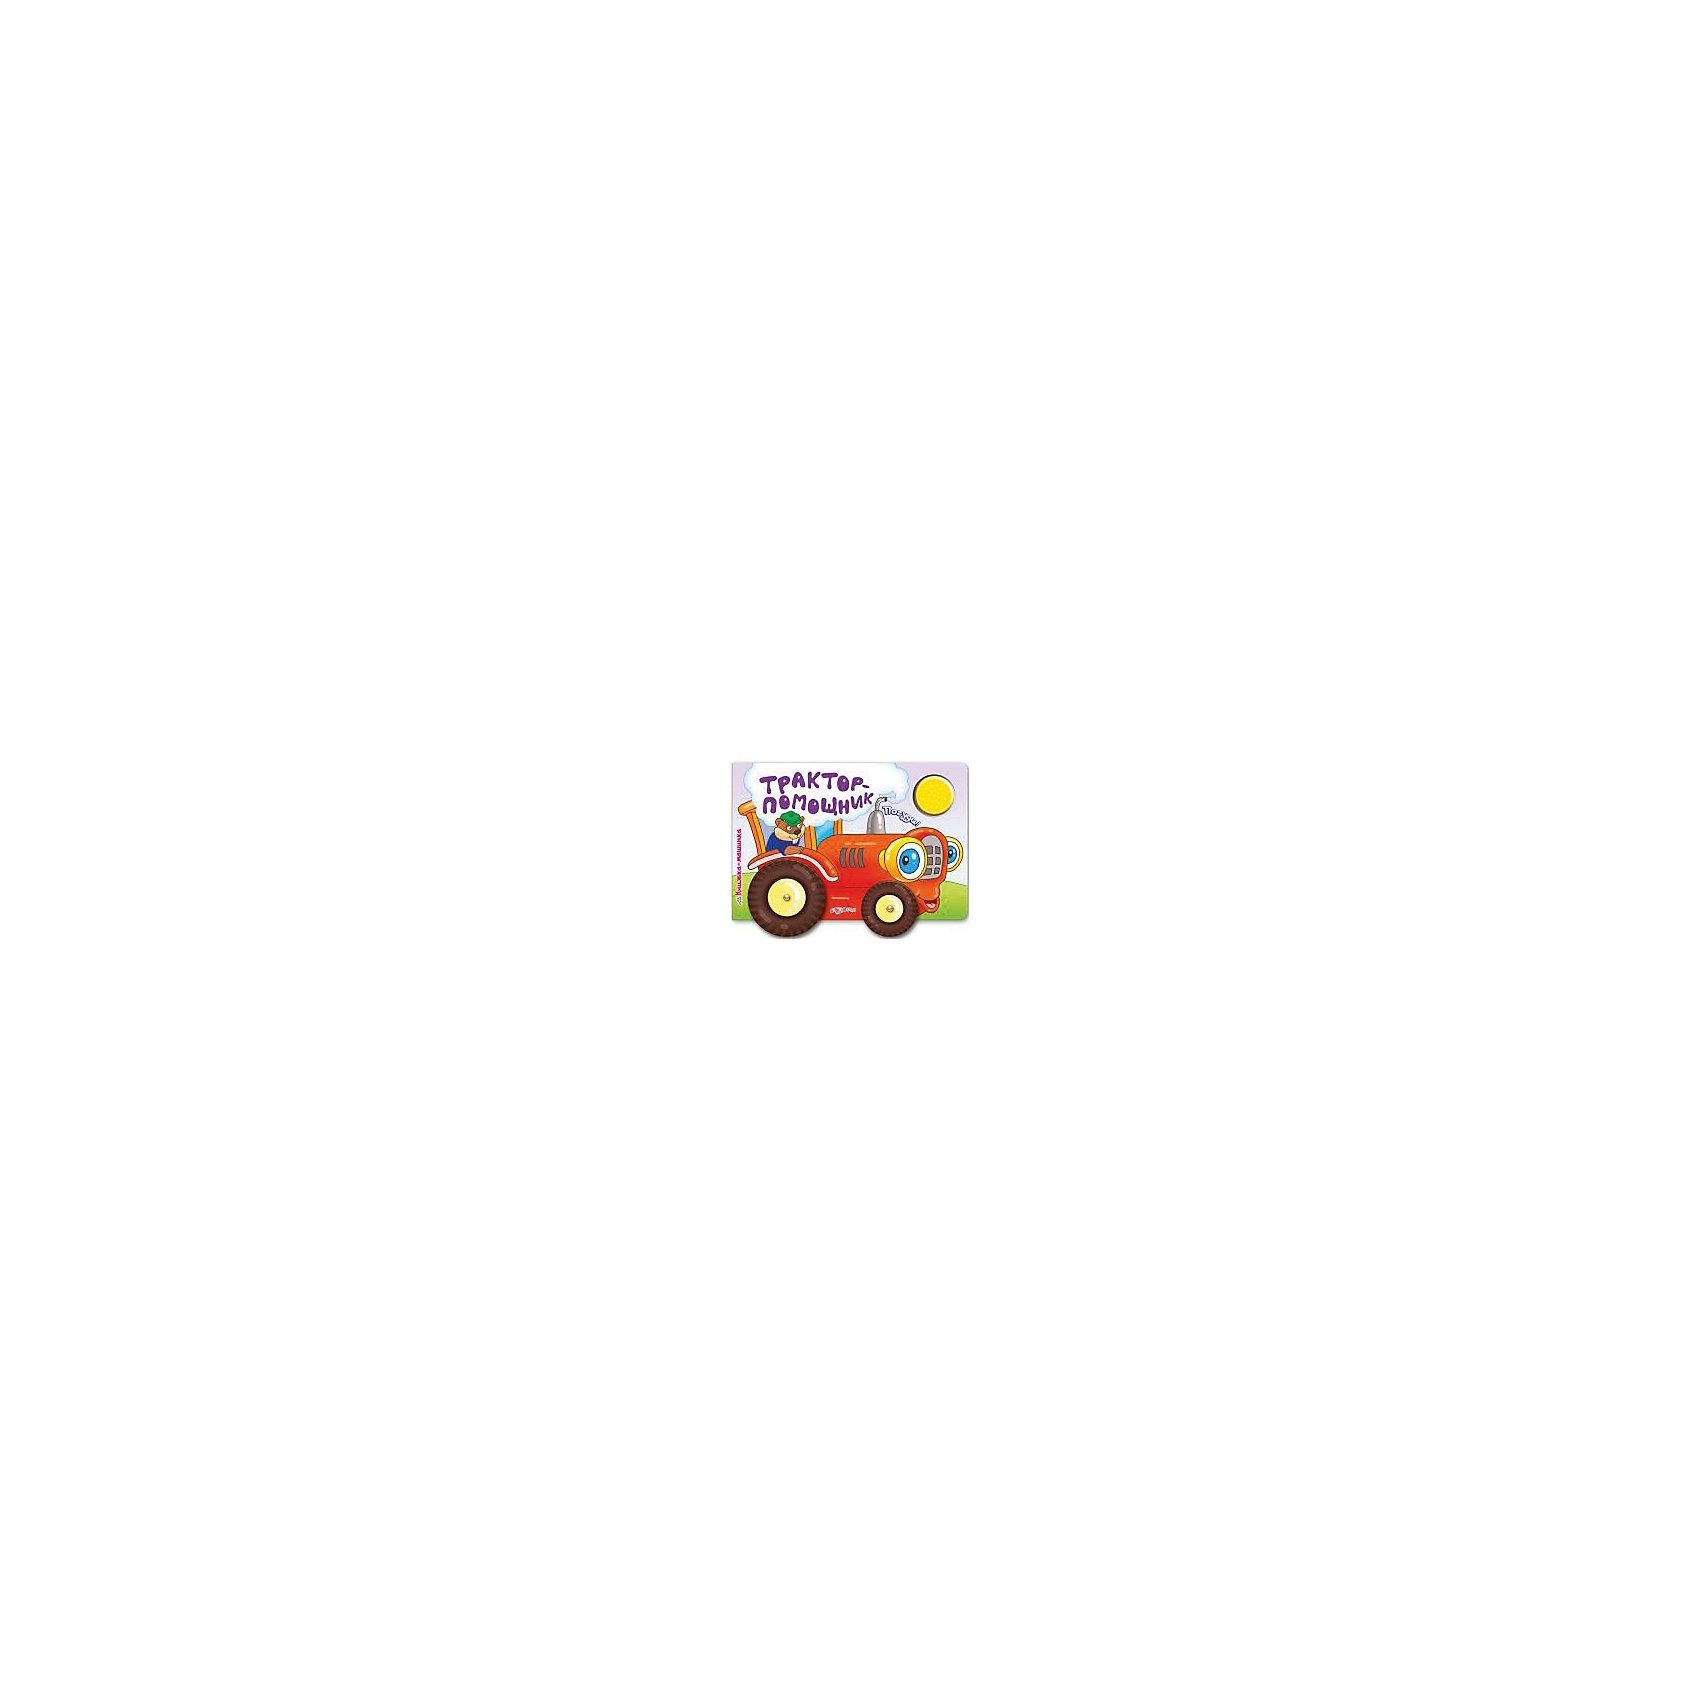 Книга Трактор-помощник. Книжка-машинкаКнига Трактор-помощник. Книжка-машинка – красочно иллюстрированная книга-игрушка с музыкальным модулем.<br>У книжки Трактор-помощник серии Книжка-машинка есть настоящие вращающиеся колеса. Нажимая на звуковой модуль, юный фермер услышит звук мотора, гудок. На каждом развороте книги есть веселые стихи о железном помощнике фермеров и крупные красочные иллюстрации. Названия некоторых предметов, которые встретятся на страницах, подписаны. Страницы книги выполнены из плотного картона, поэтому даже самый активный маленький читатель не сможет порвать или поломать ее. Книга не только станет для вашего малыша интересным развлечением, но и расширит его кругозор.<br><br>Дополнительная информация:<br><br>- Автор стихов: Ю. Куликова<br>- Художник: А. Урманов<br>- Издательство: Азбукварик Групп<br>- Серия: Книжка-машинка<br>- Тип обложки: картон<br>- Оформление: музыкальный модуль, вырубка<br>- Количество страниц: 10 (картон)<br>- Иллюстрации: цветные<br>- Батарейки: 3 типа AG3/LR41 (в комплекте демонстрационные)<br>- Размер: 210х15х155 мм.<br>- Вес: 240 гр.<br><br>Книгу Трактор-помощник. Книжка-машинка можно купить в нашем интернет-магазине.<br><br>Ширина мм: 210<br>Глубина мм: 15<br>Высота мм: 155<br>Вес г: 500<br>Возраст от месяцев: 12<br>Возраст до месяцев: 36<br>Пол: Унисекс<br>Возраст: Детский<br>SKU: 4663803